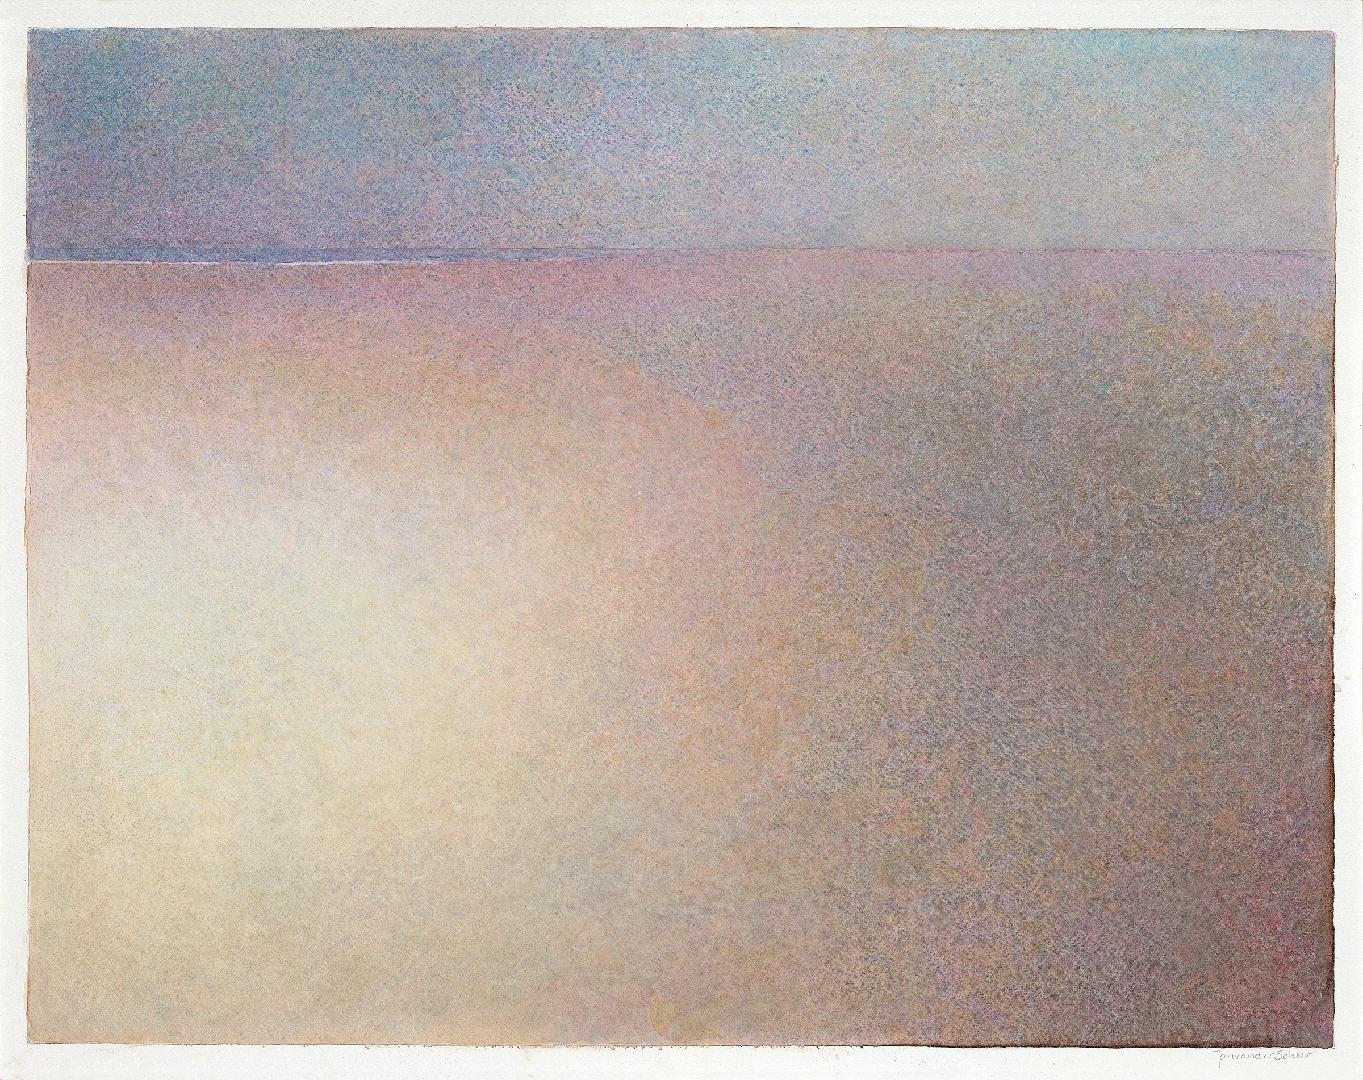 2011 Schiermonnikoog (47 X 60 cm) 15157w